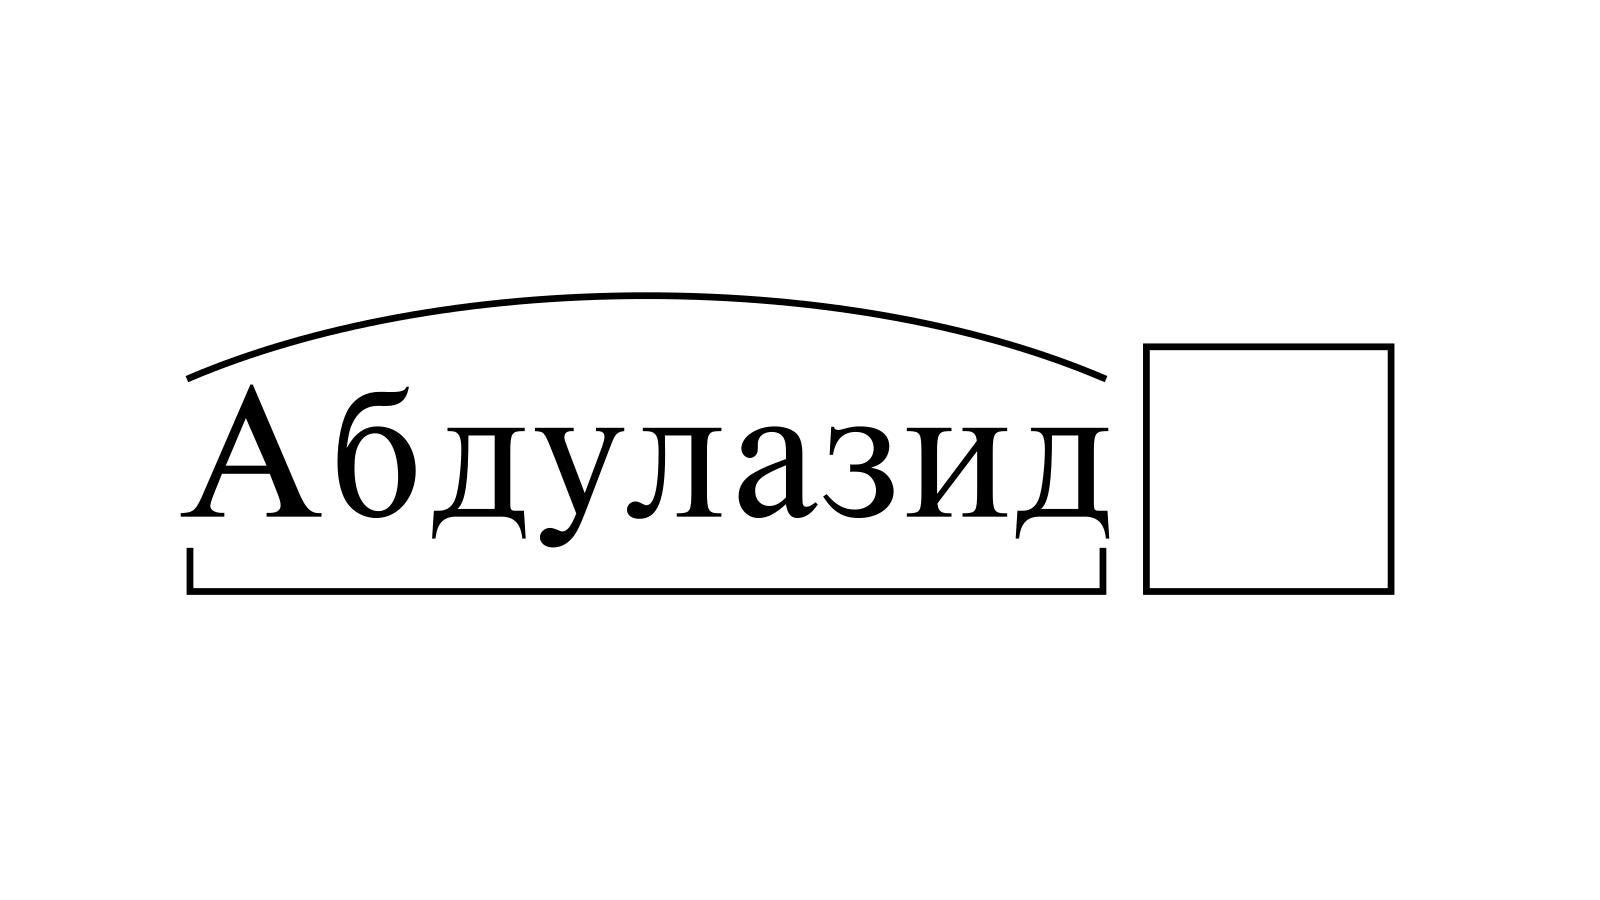 Разбор слова «Абдулазид» по составу